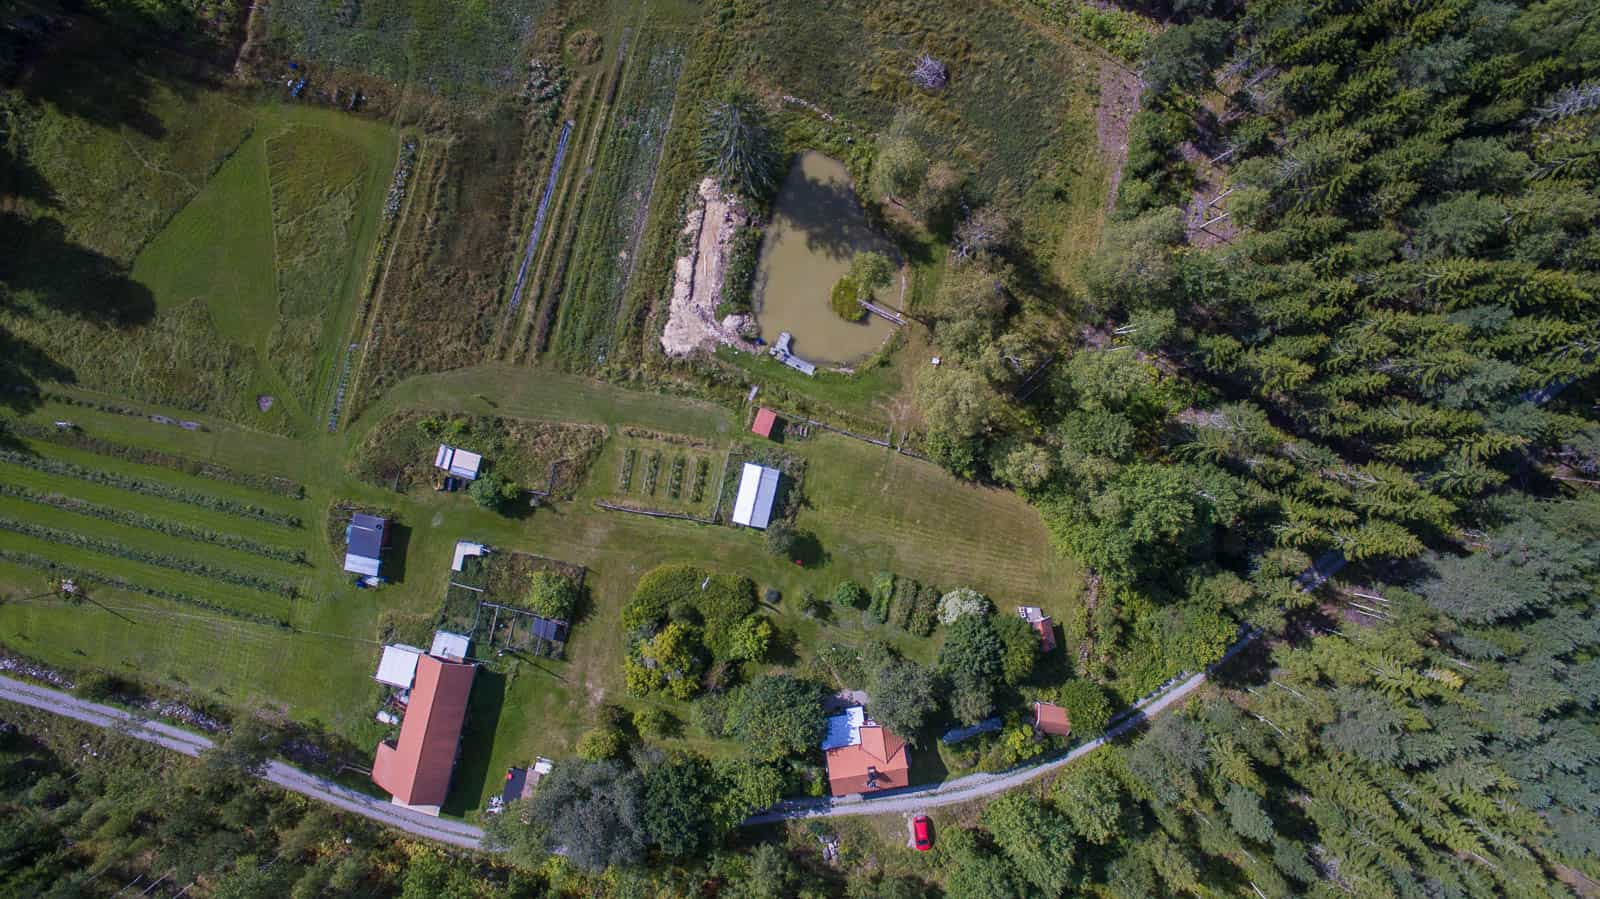 Från 120 meters höjd går det att se hur dammen, ladugården och huset ligger i förhållande till varandra. Flygbilder ger bra perspektiv.